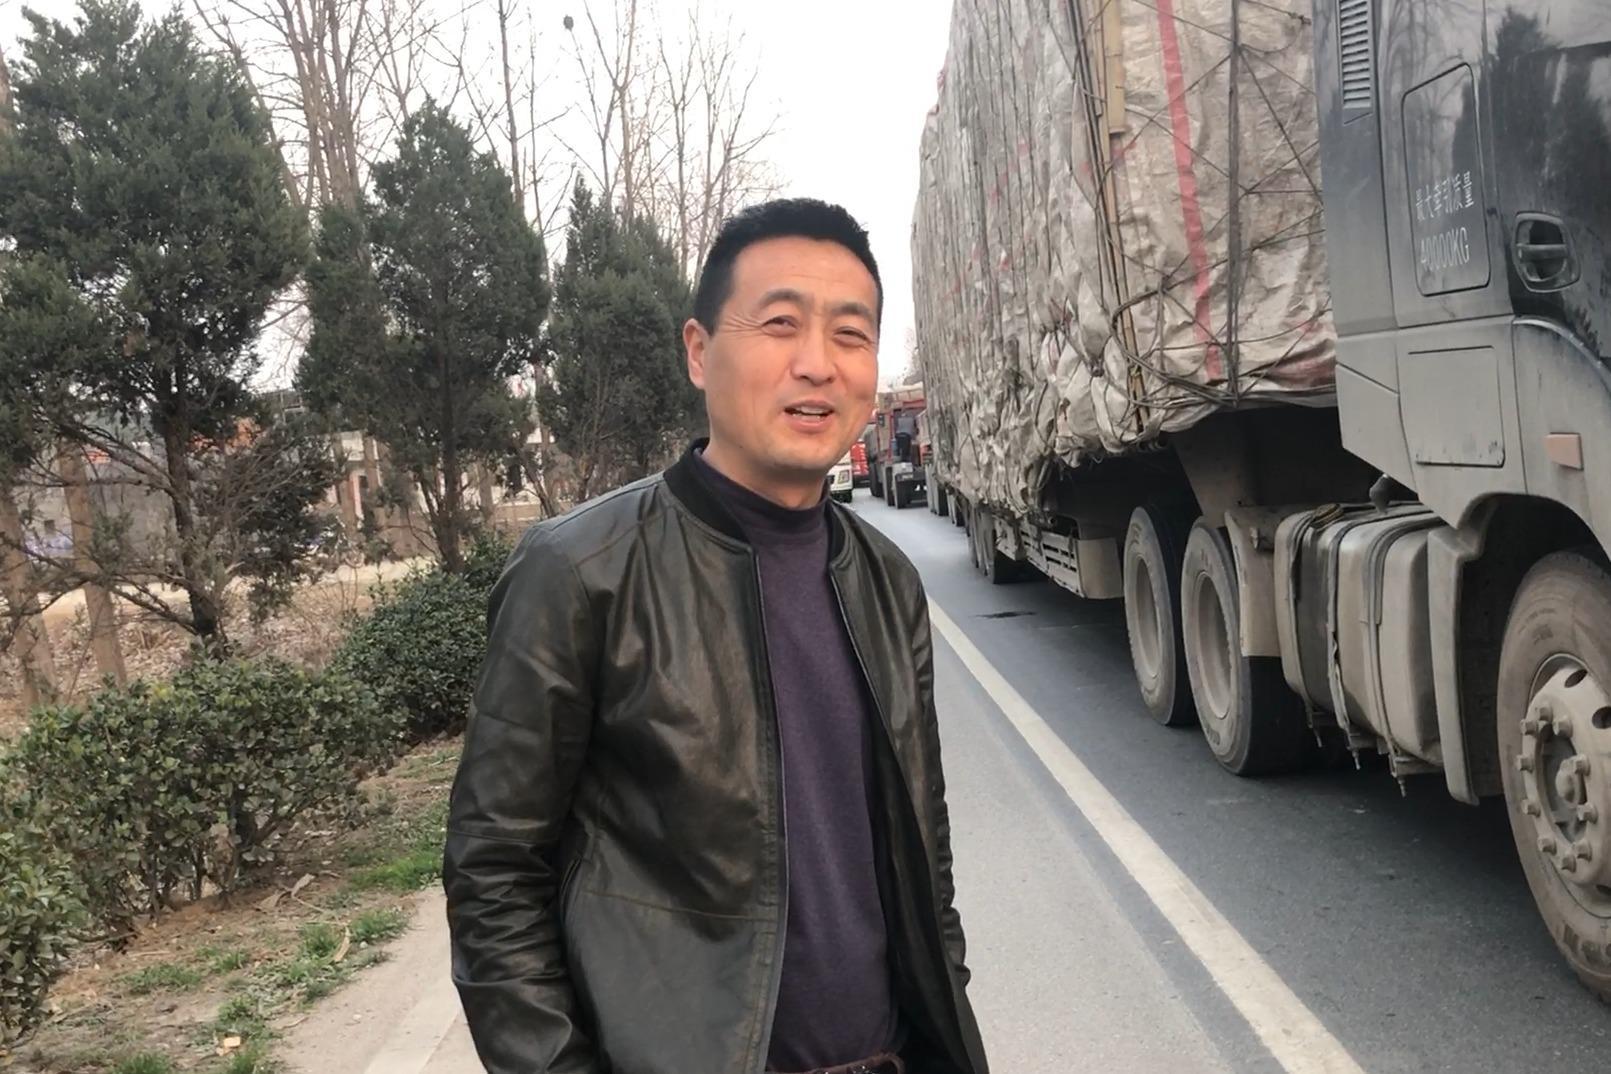 农村大哥花费50万买大货车,跑运输1年多后悔吗?看看他是咋说的